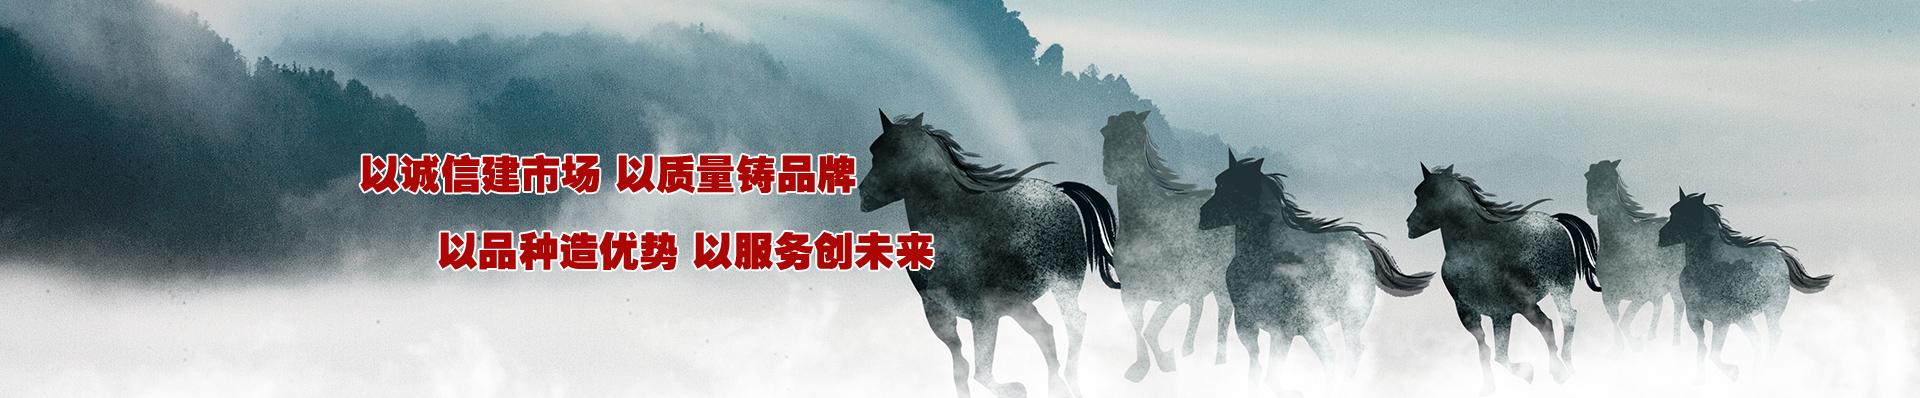 http://www.tsmanai.com/data/upload/202101/20210118155314_770.jpg